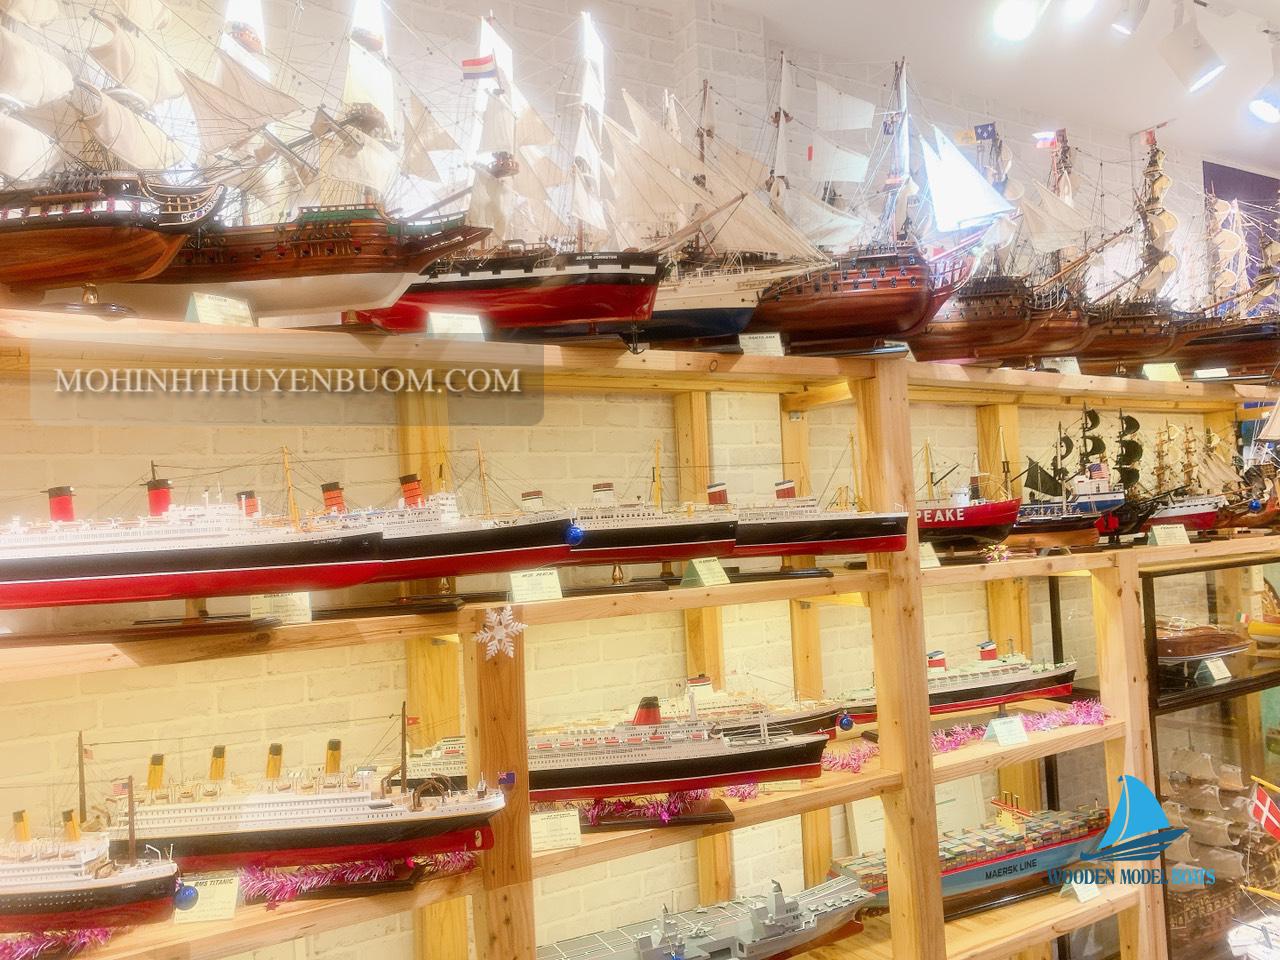 mô hình thuyền buồm gỗ trong phong thủy